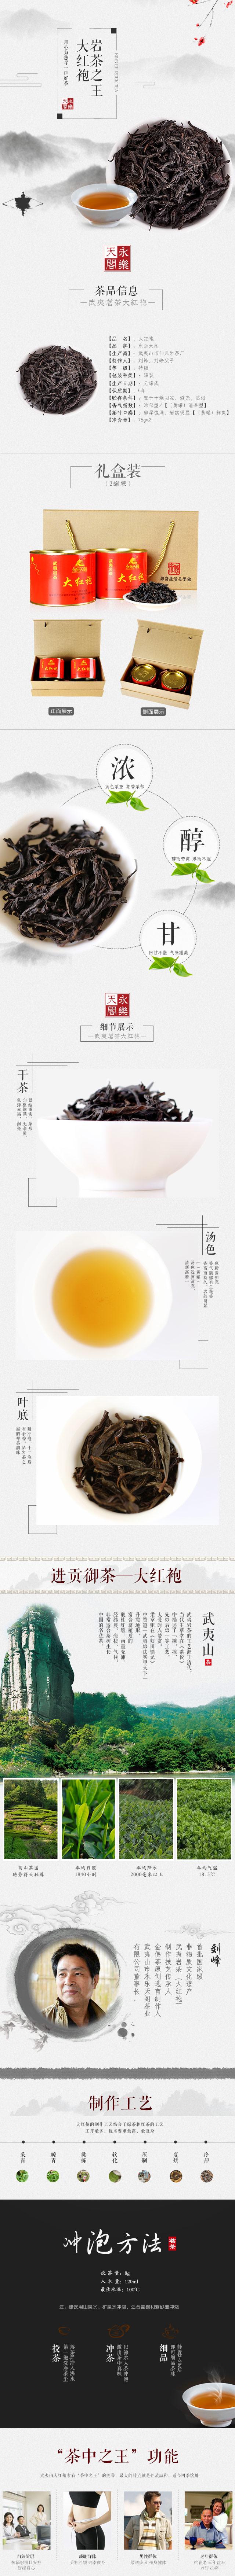 大红袍-礼盒-详情.jpg